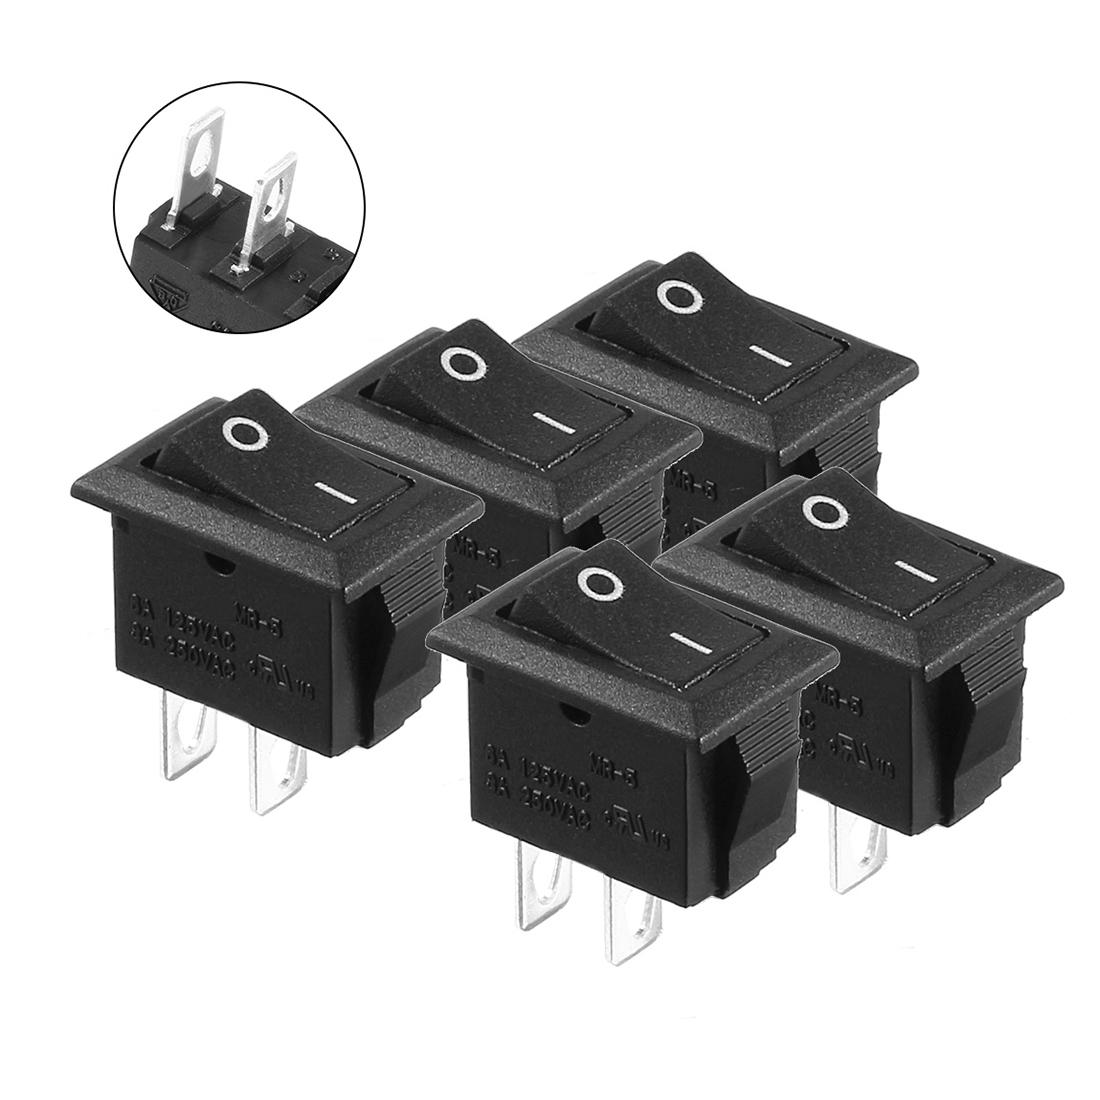 5pcs AC 3A/250V 6A/125V SPST Rocker Switch ON/OFF 2 Positions